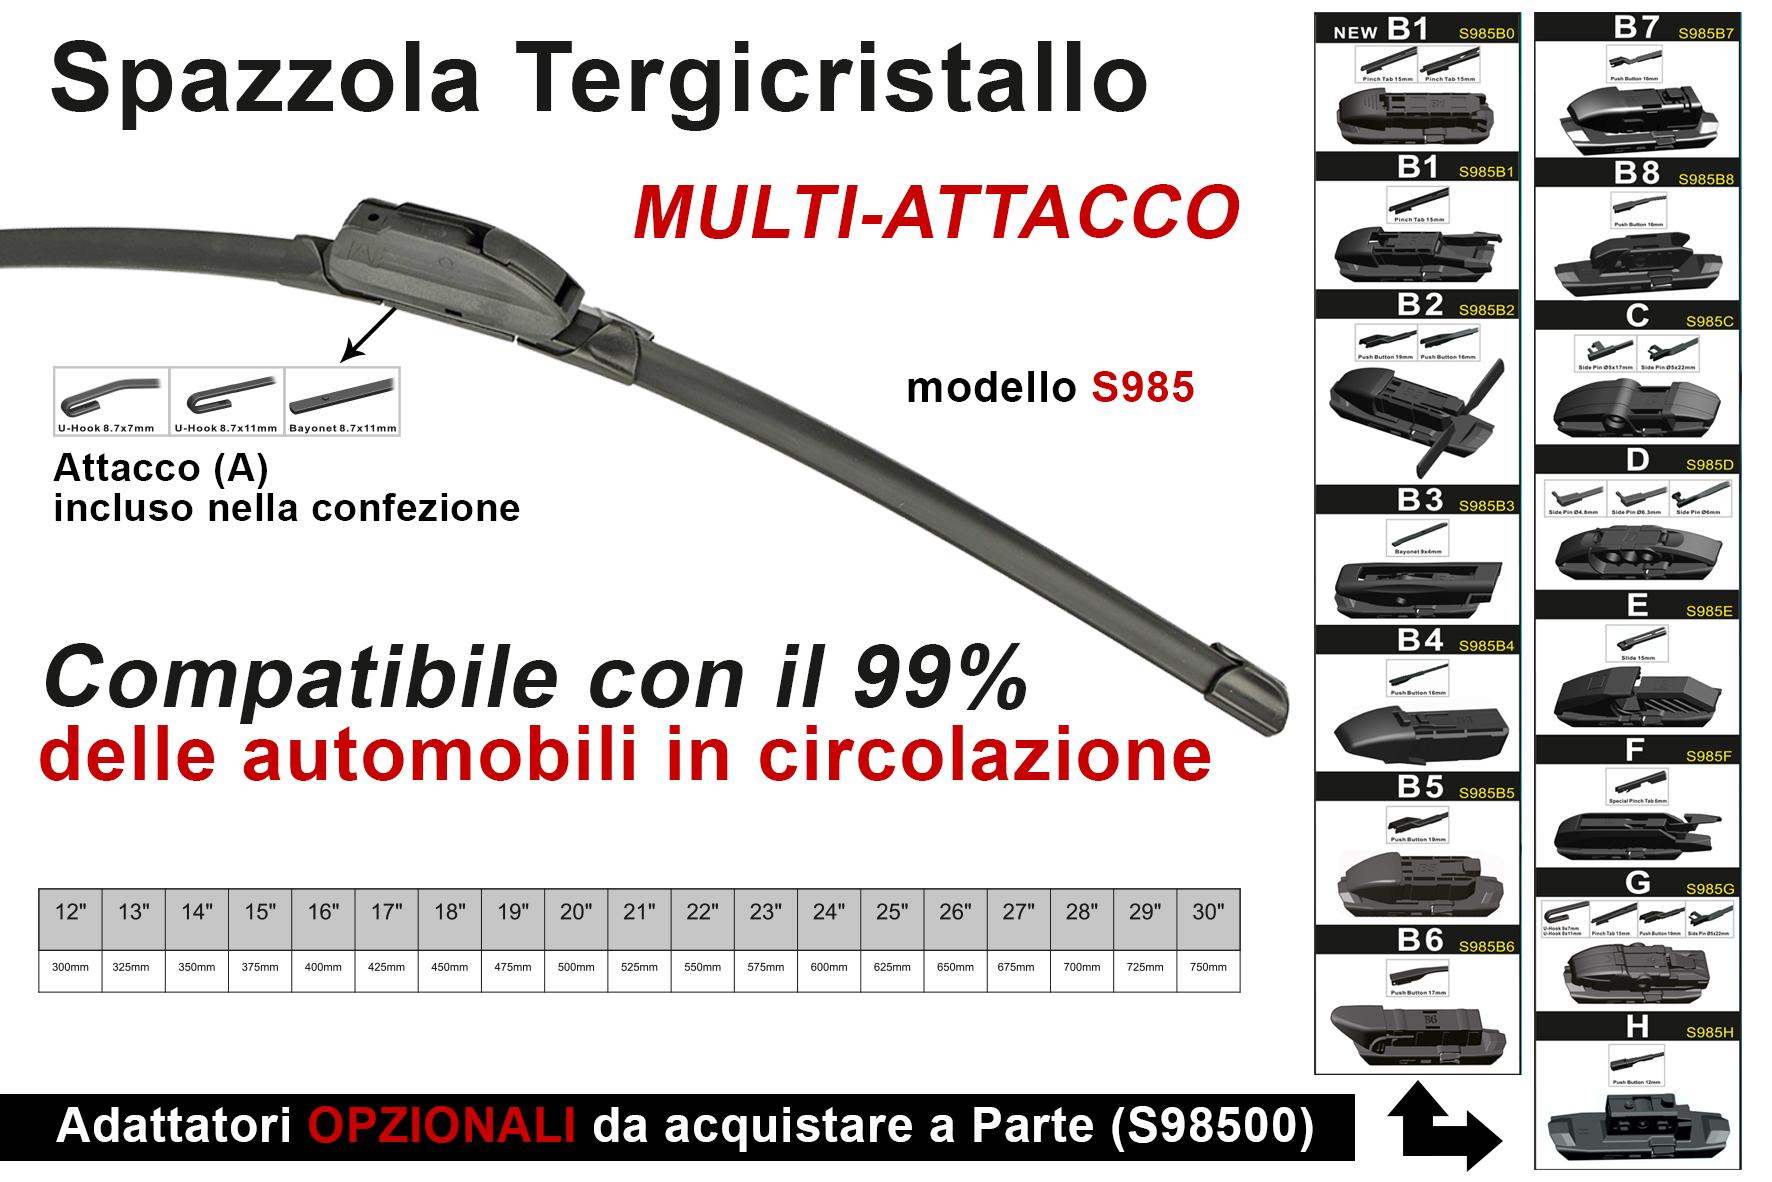 Spazzola Tergicristallo Auto Universale S985 25`` 625mm Carall 16 Attacchi Opzionale - PZ